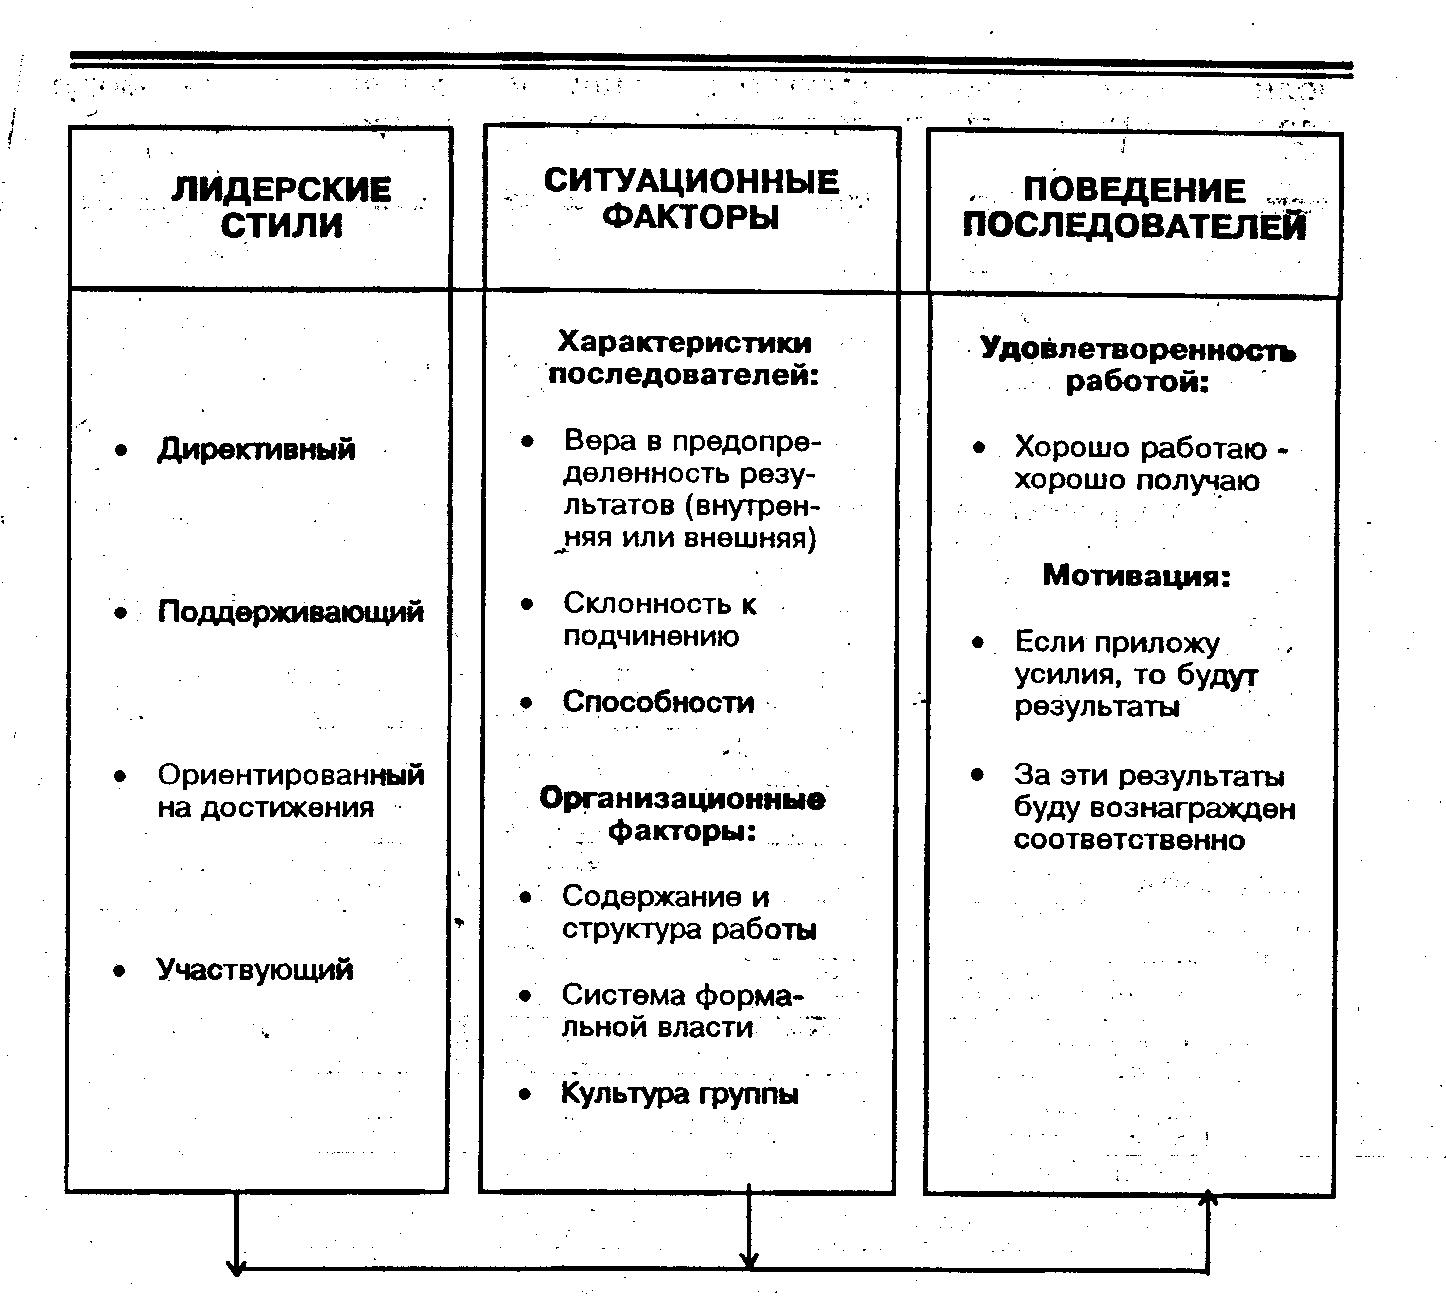 Ситуационные концепции менеджмента